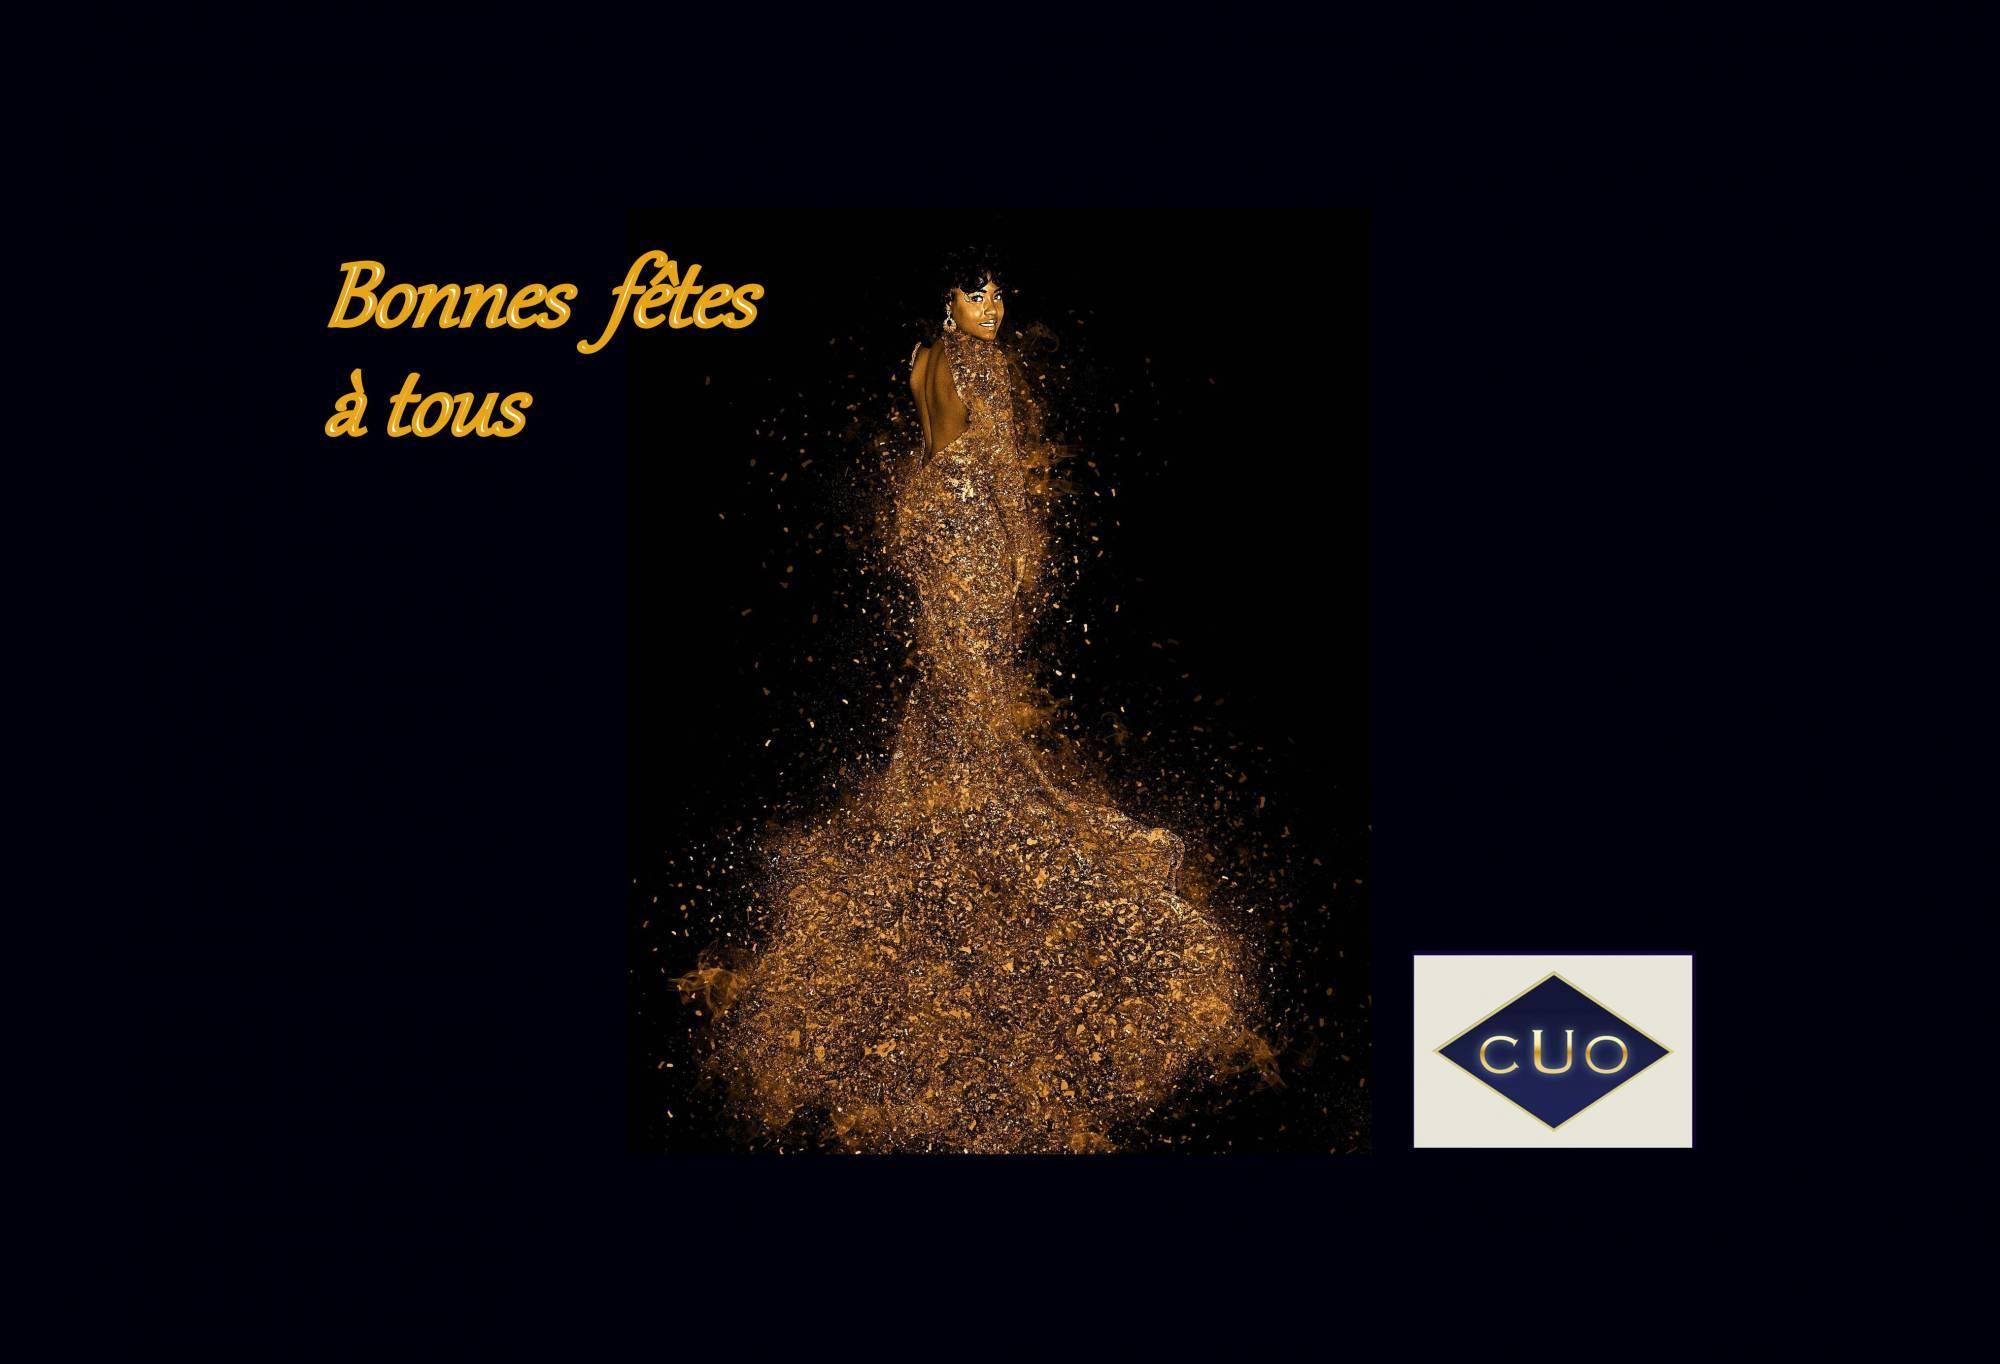 Cour De L Or 2018 Pour Revendre Son Or Au Meilleur Prix Du Marche